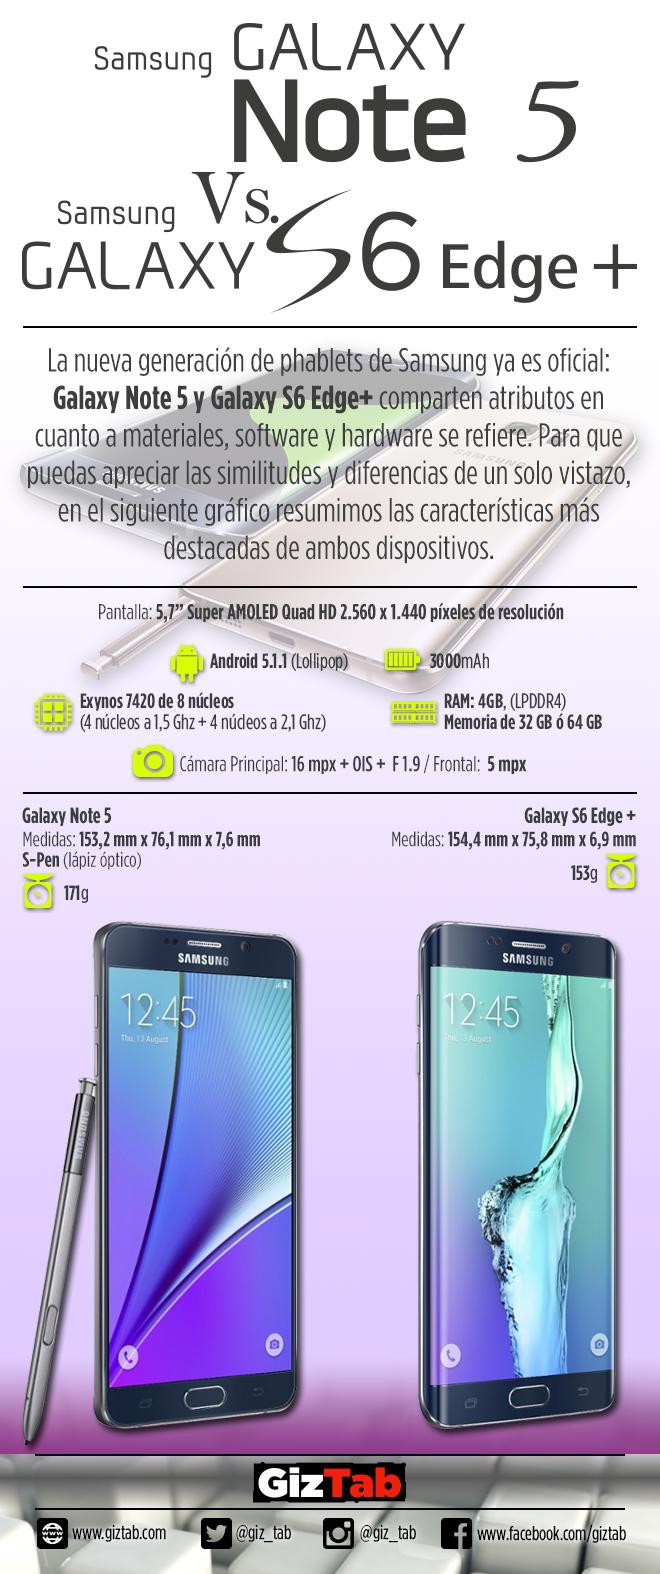 Diferencias y semejanzas entre el Galaxy Note 5 y el Galaxy S6 Edge+